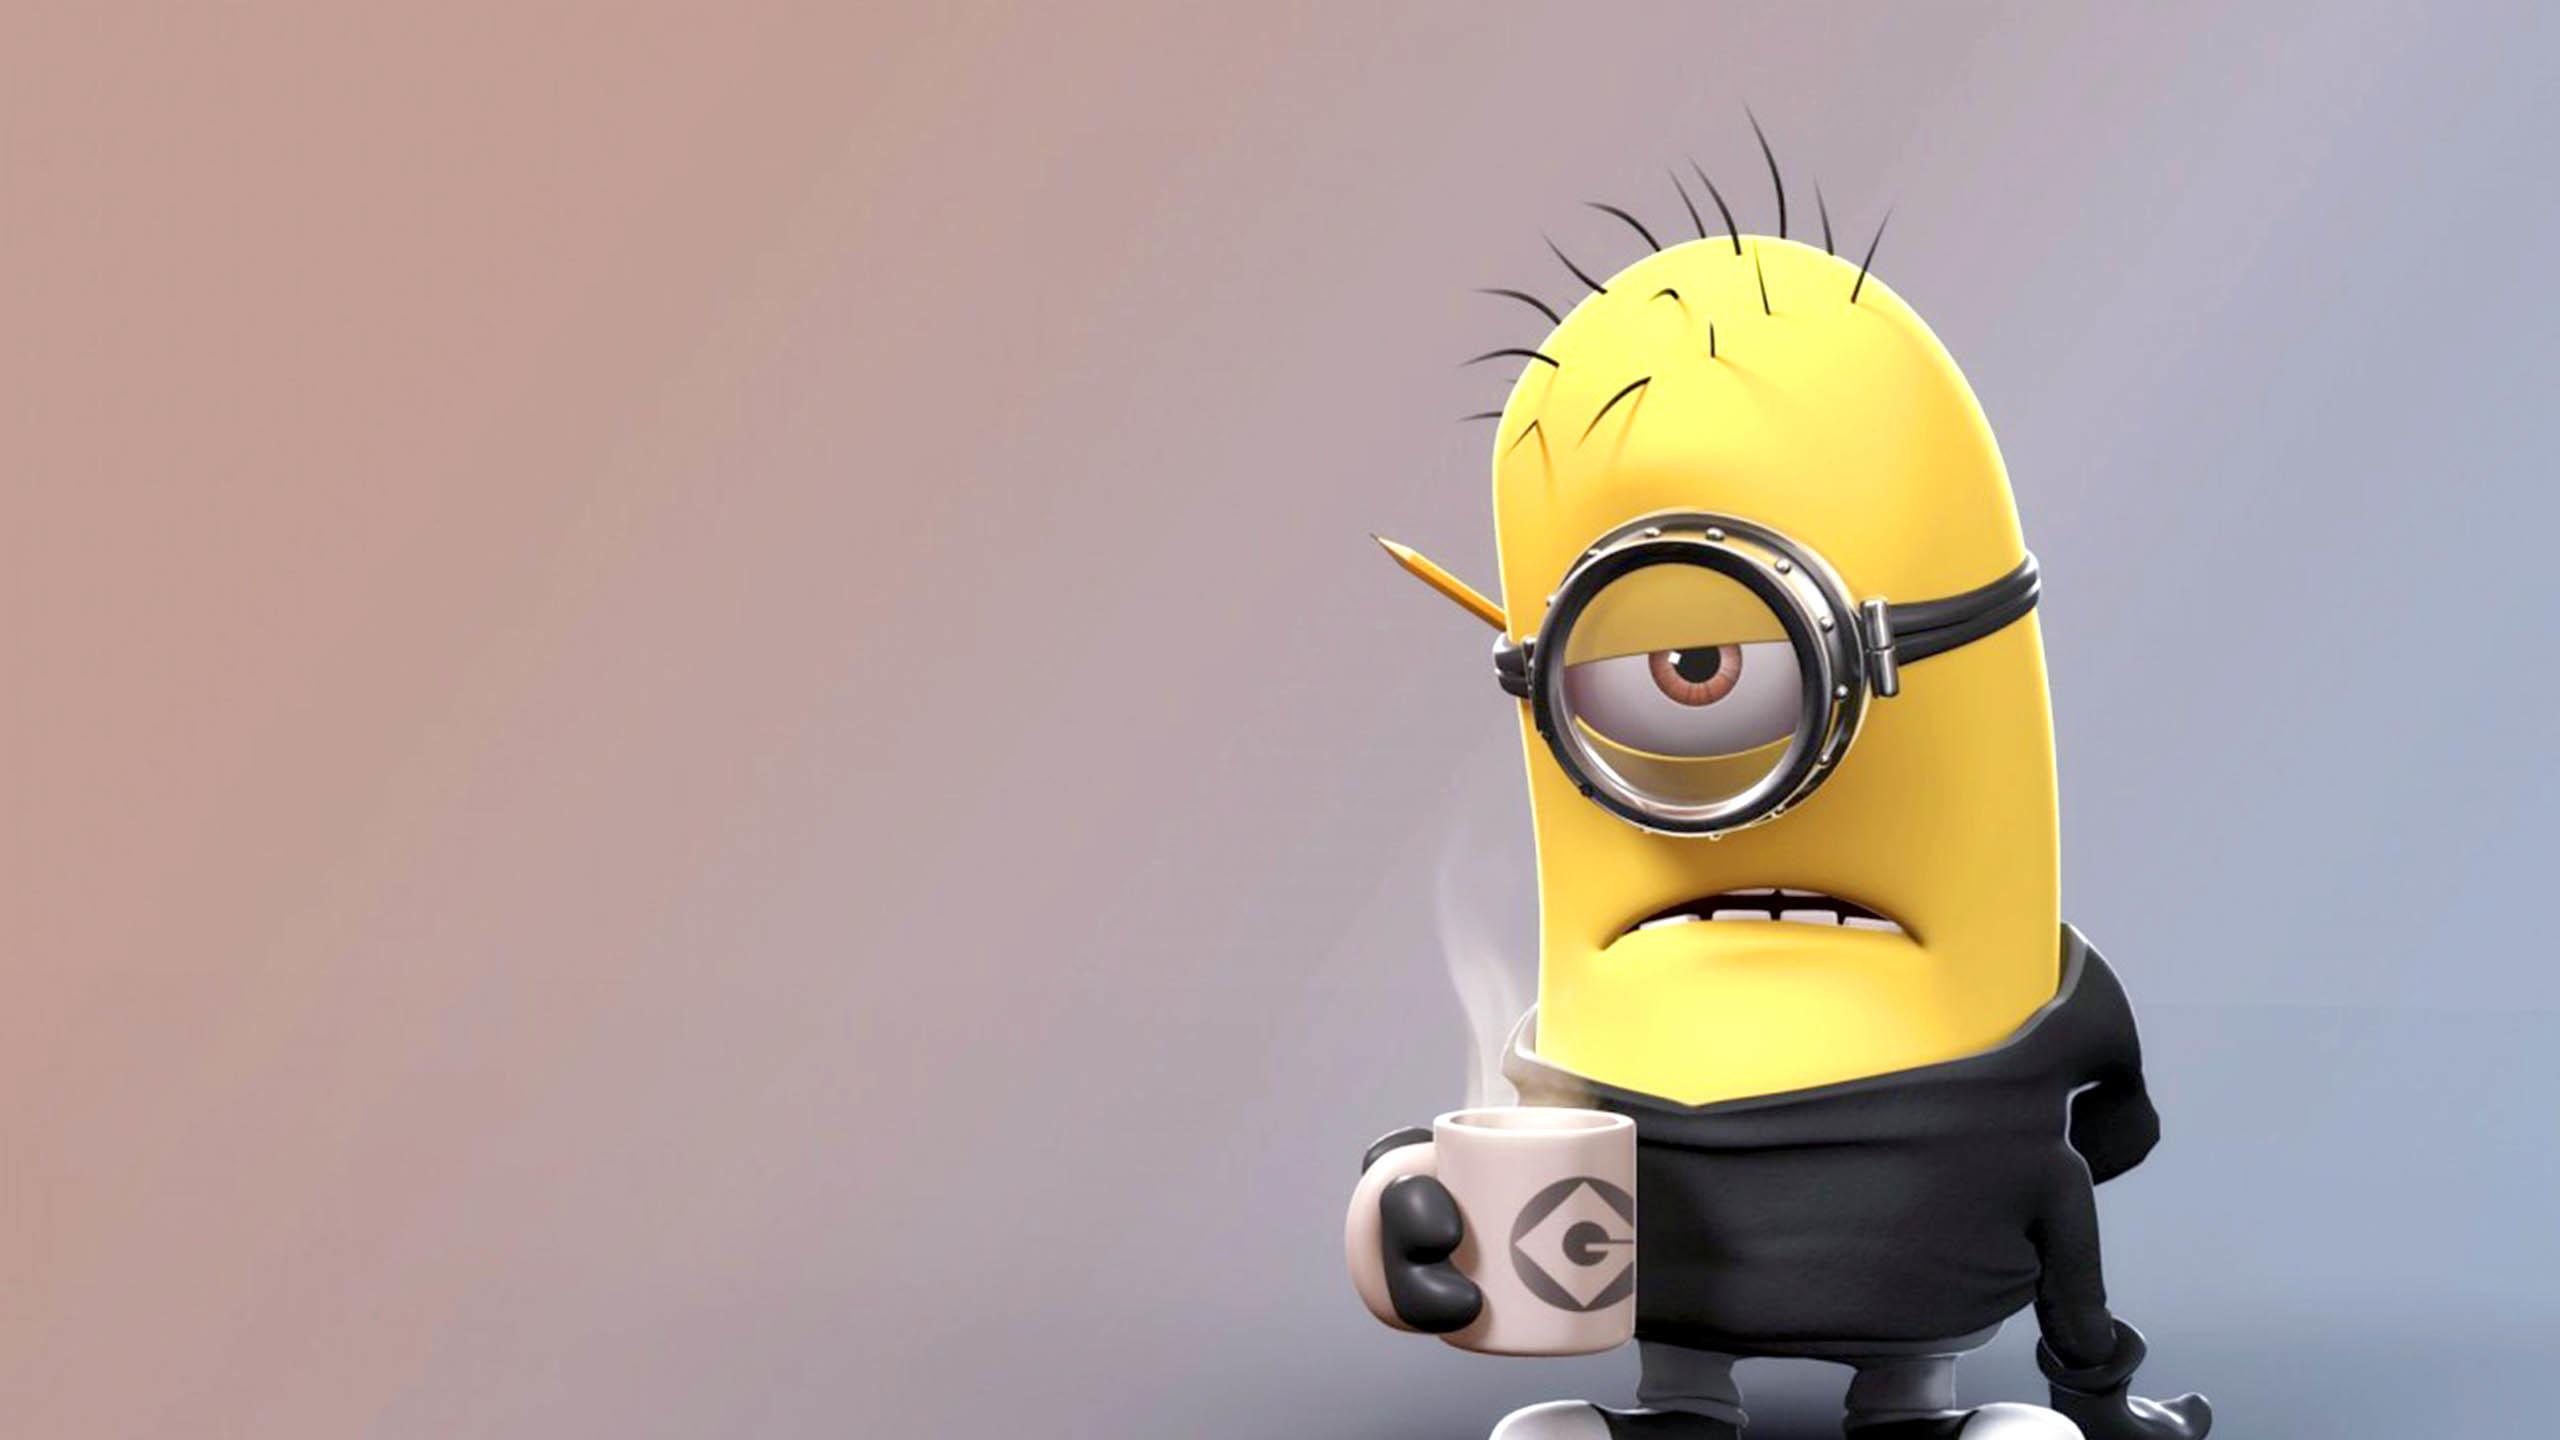 banana-minion-wallpaper-despicable-me-movie – https://